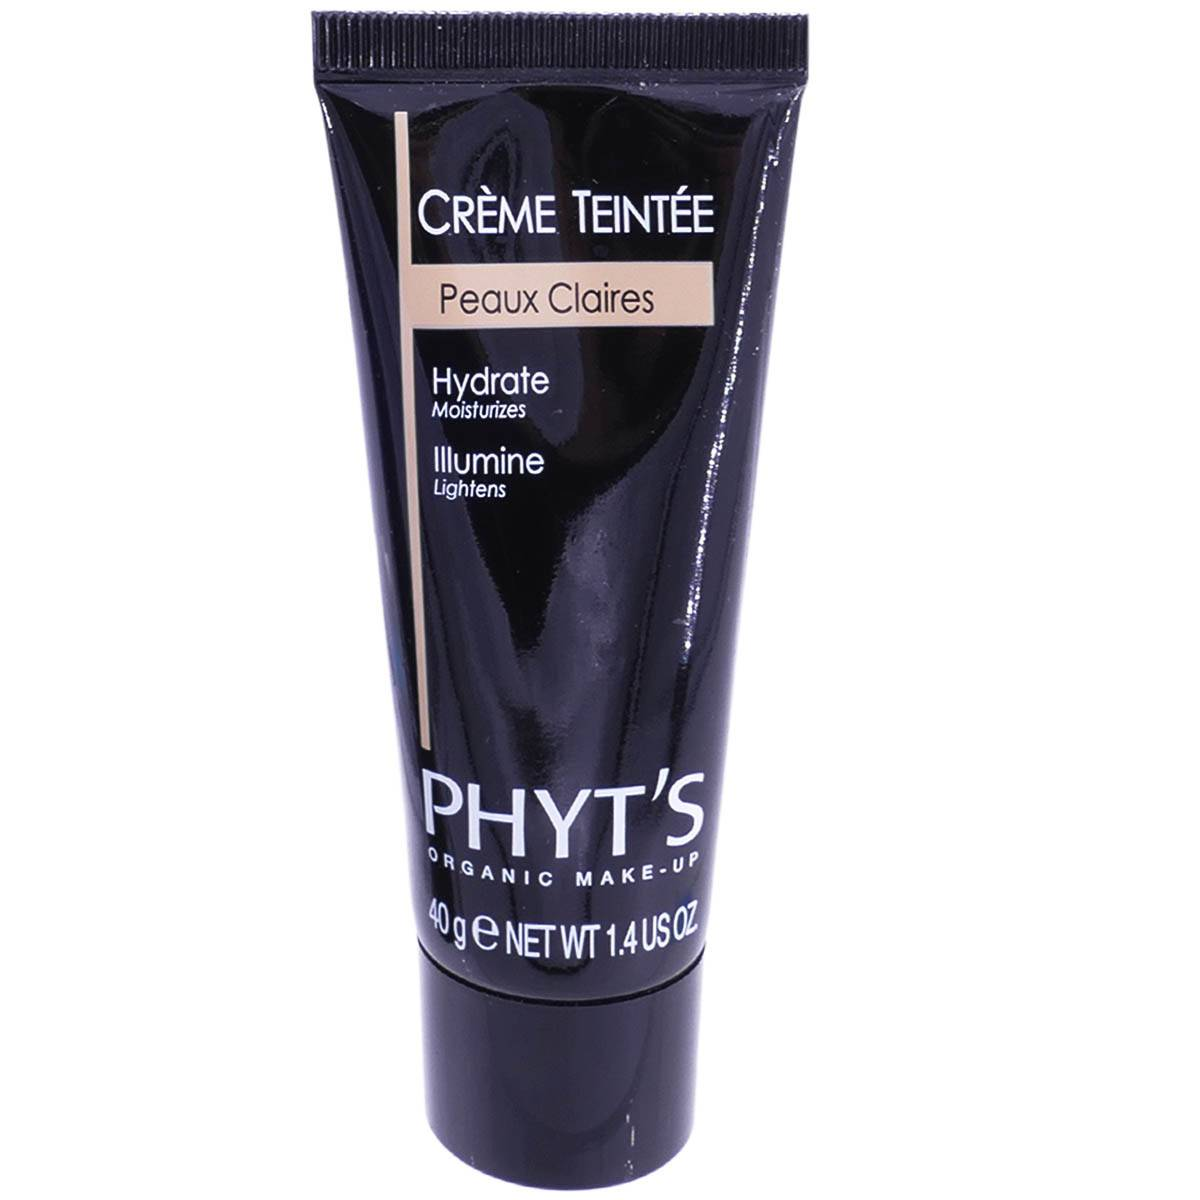 Phyt's fond de teint peaux claires 40g